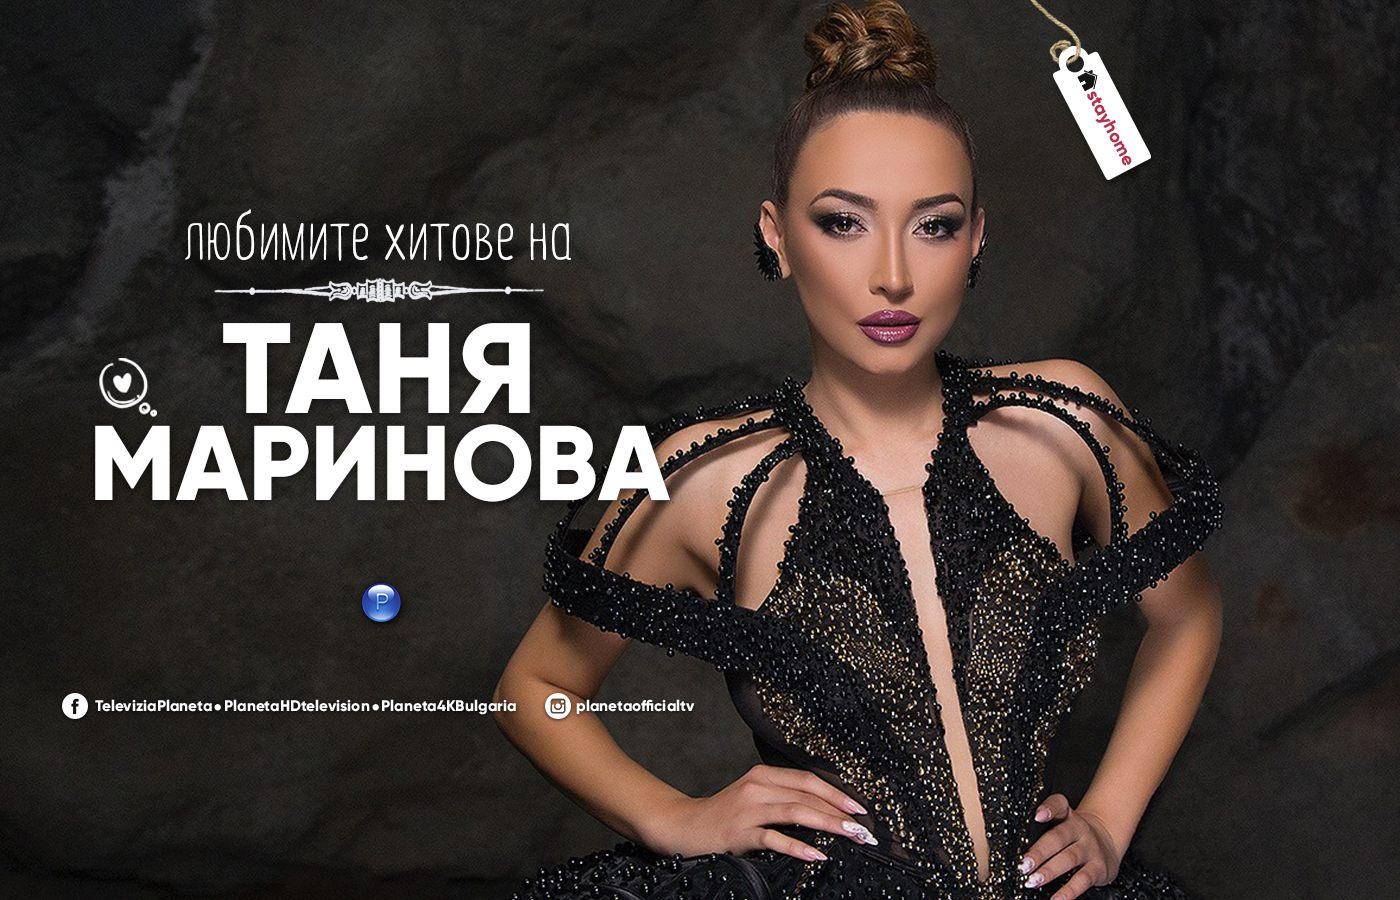 Музиката изпълва живота на Таня Маринова